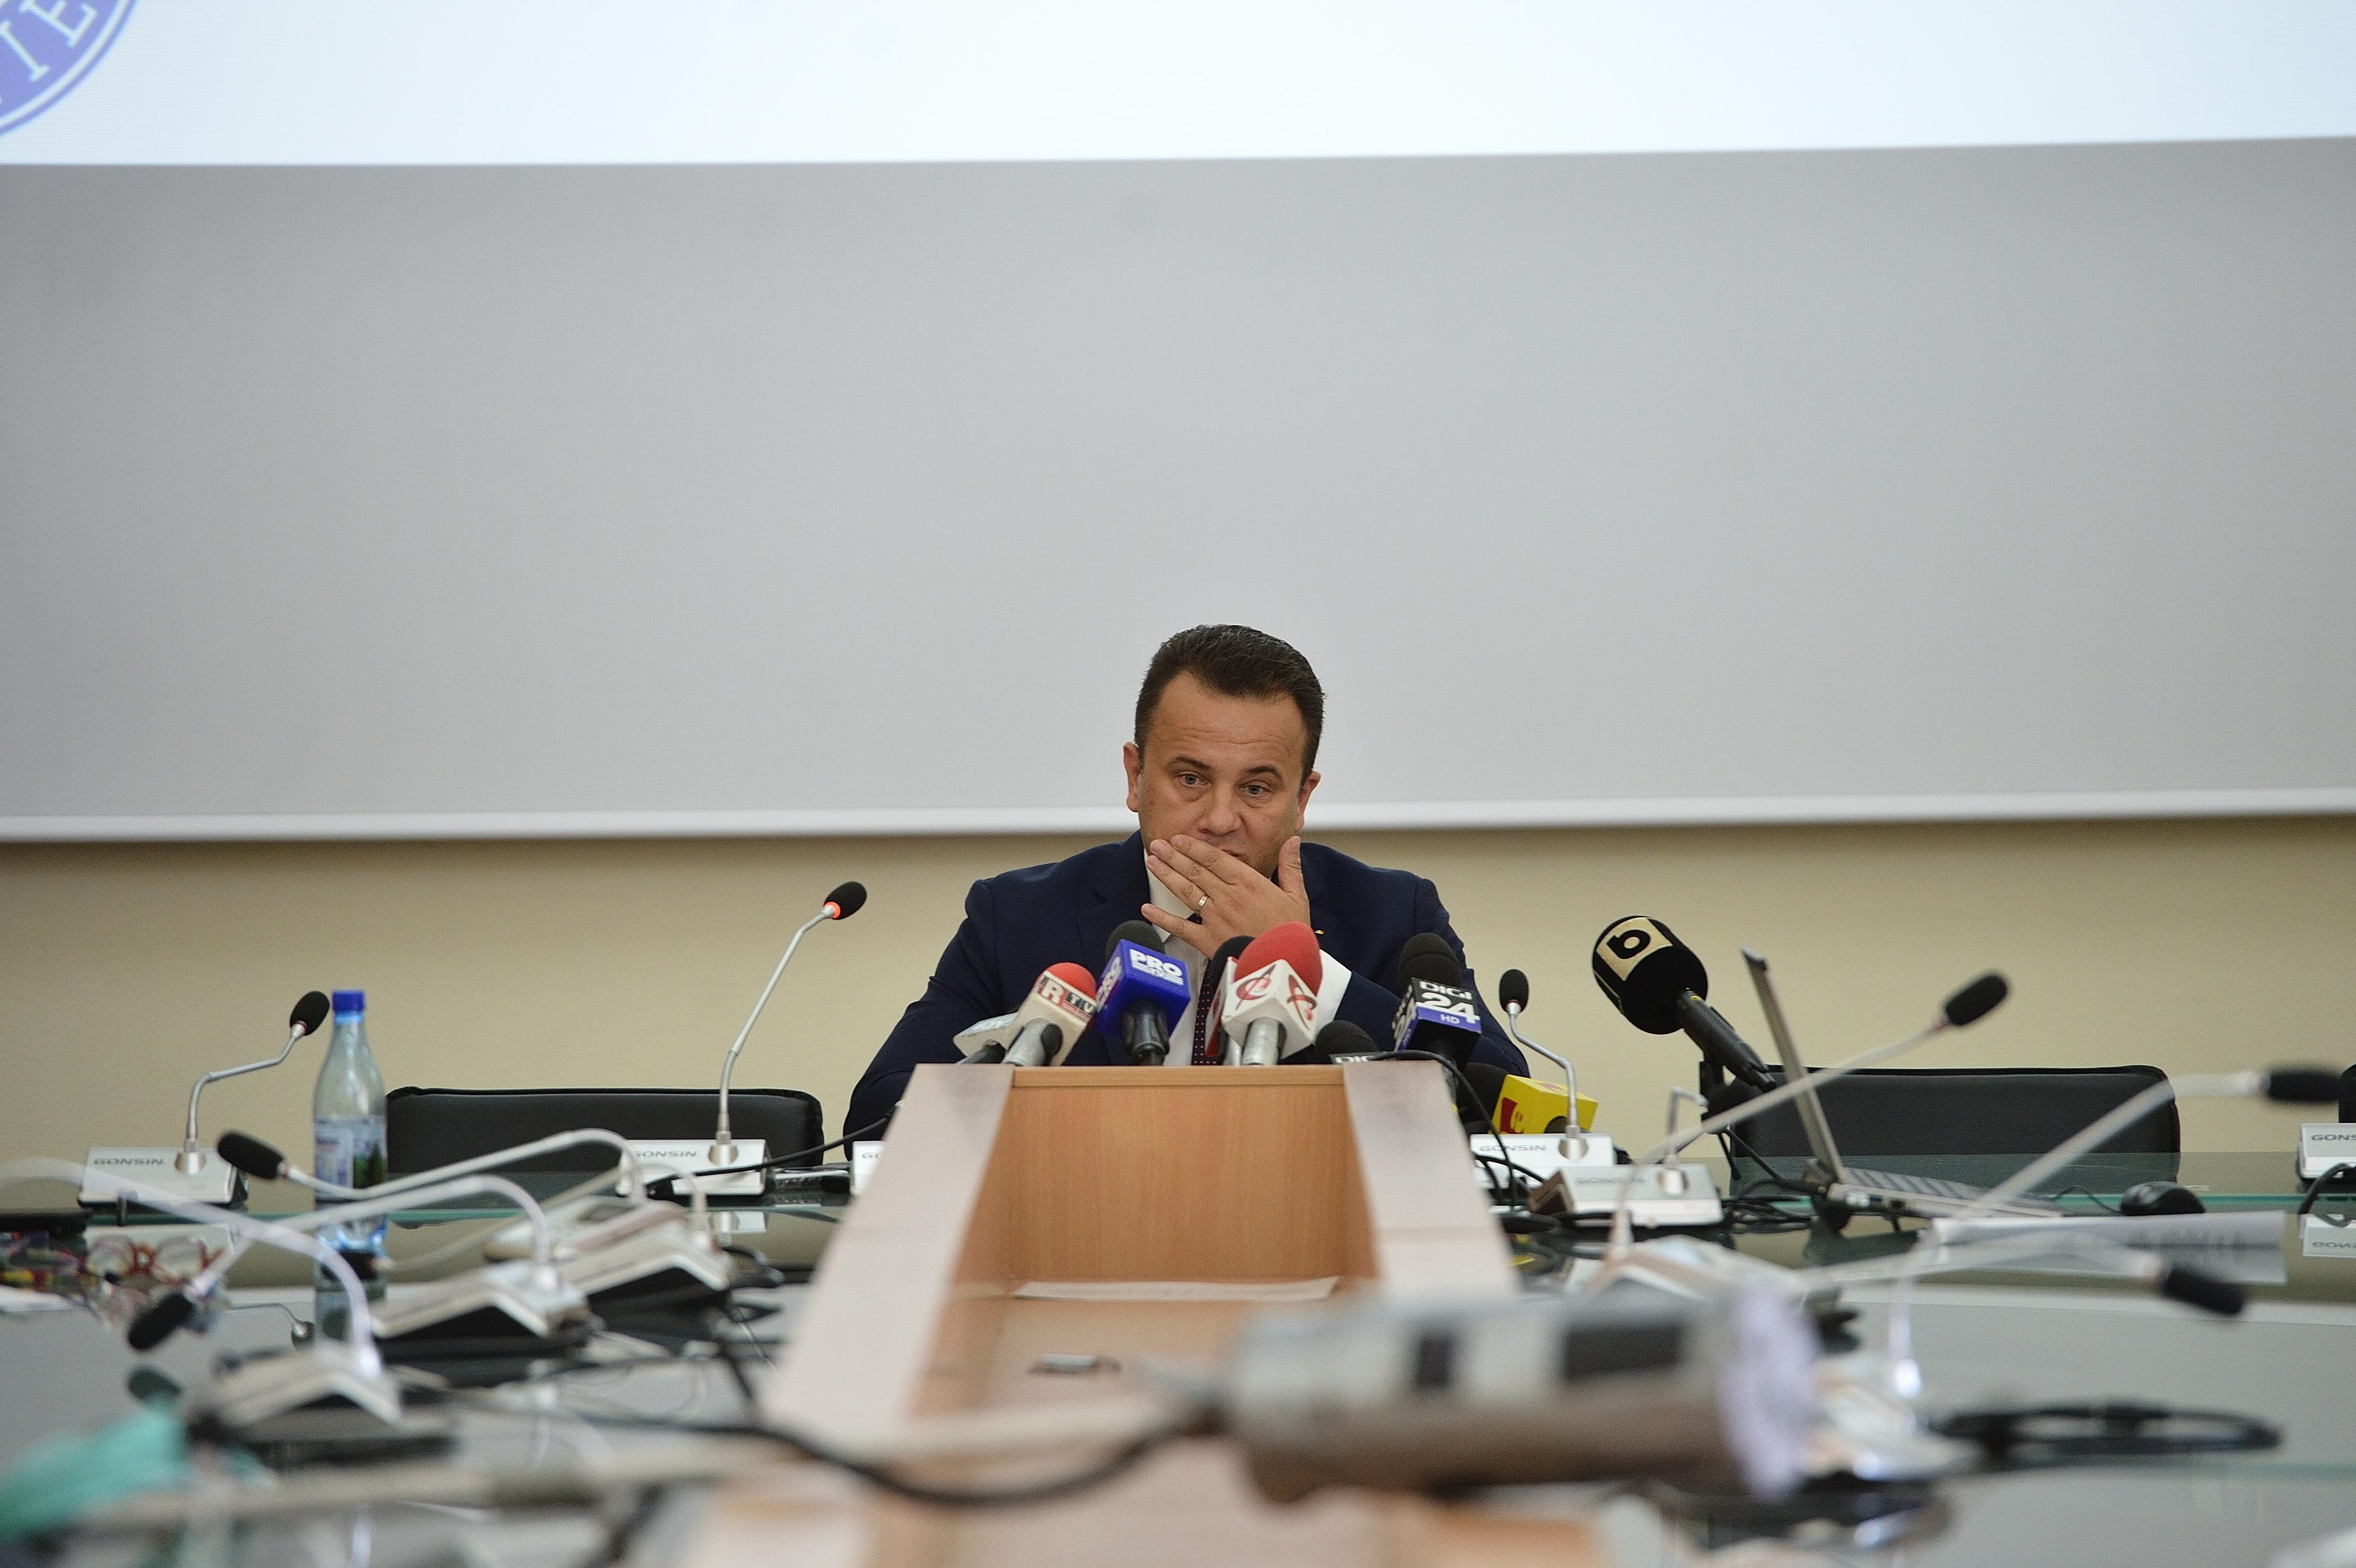 Lupta lui Pop cu auxiliarele. Ministrul alertează instituţiile după ce două edituri au utilizat emblema AVIZAT MEN